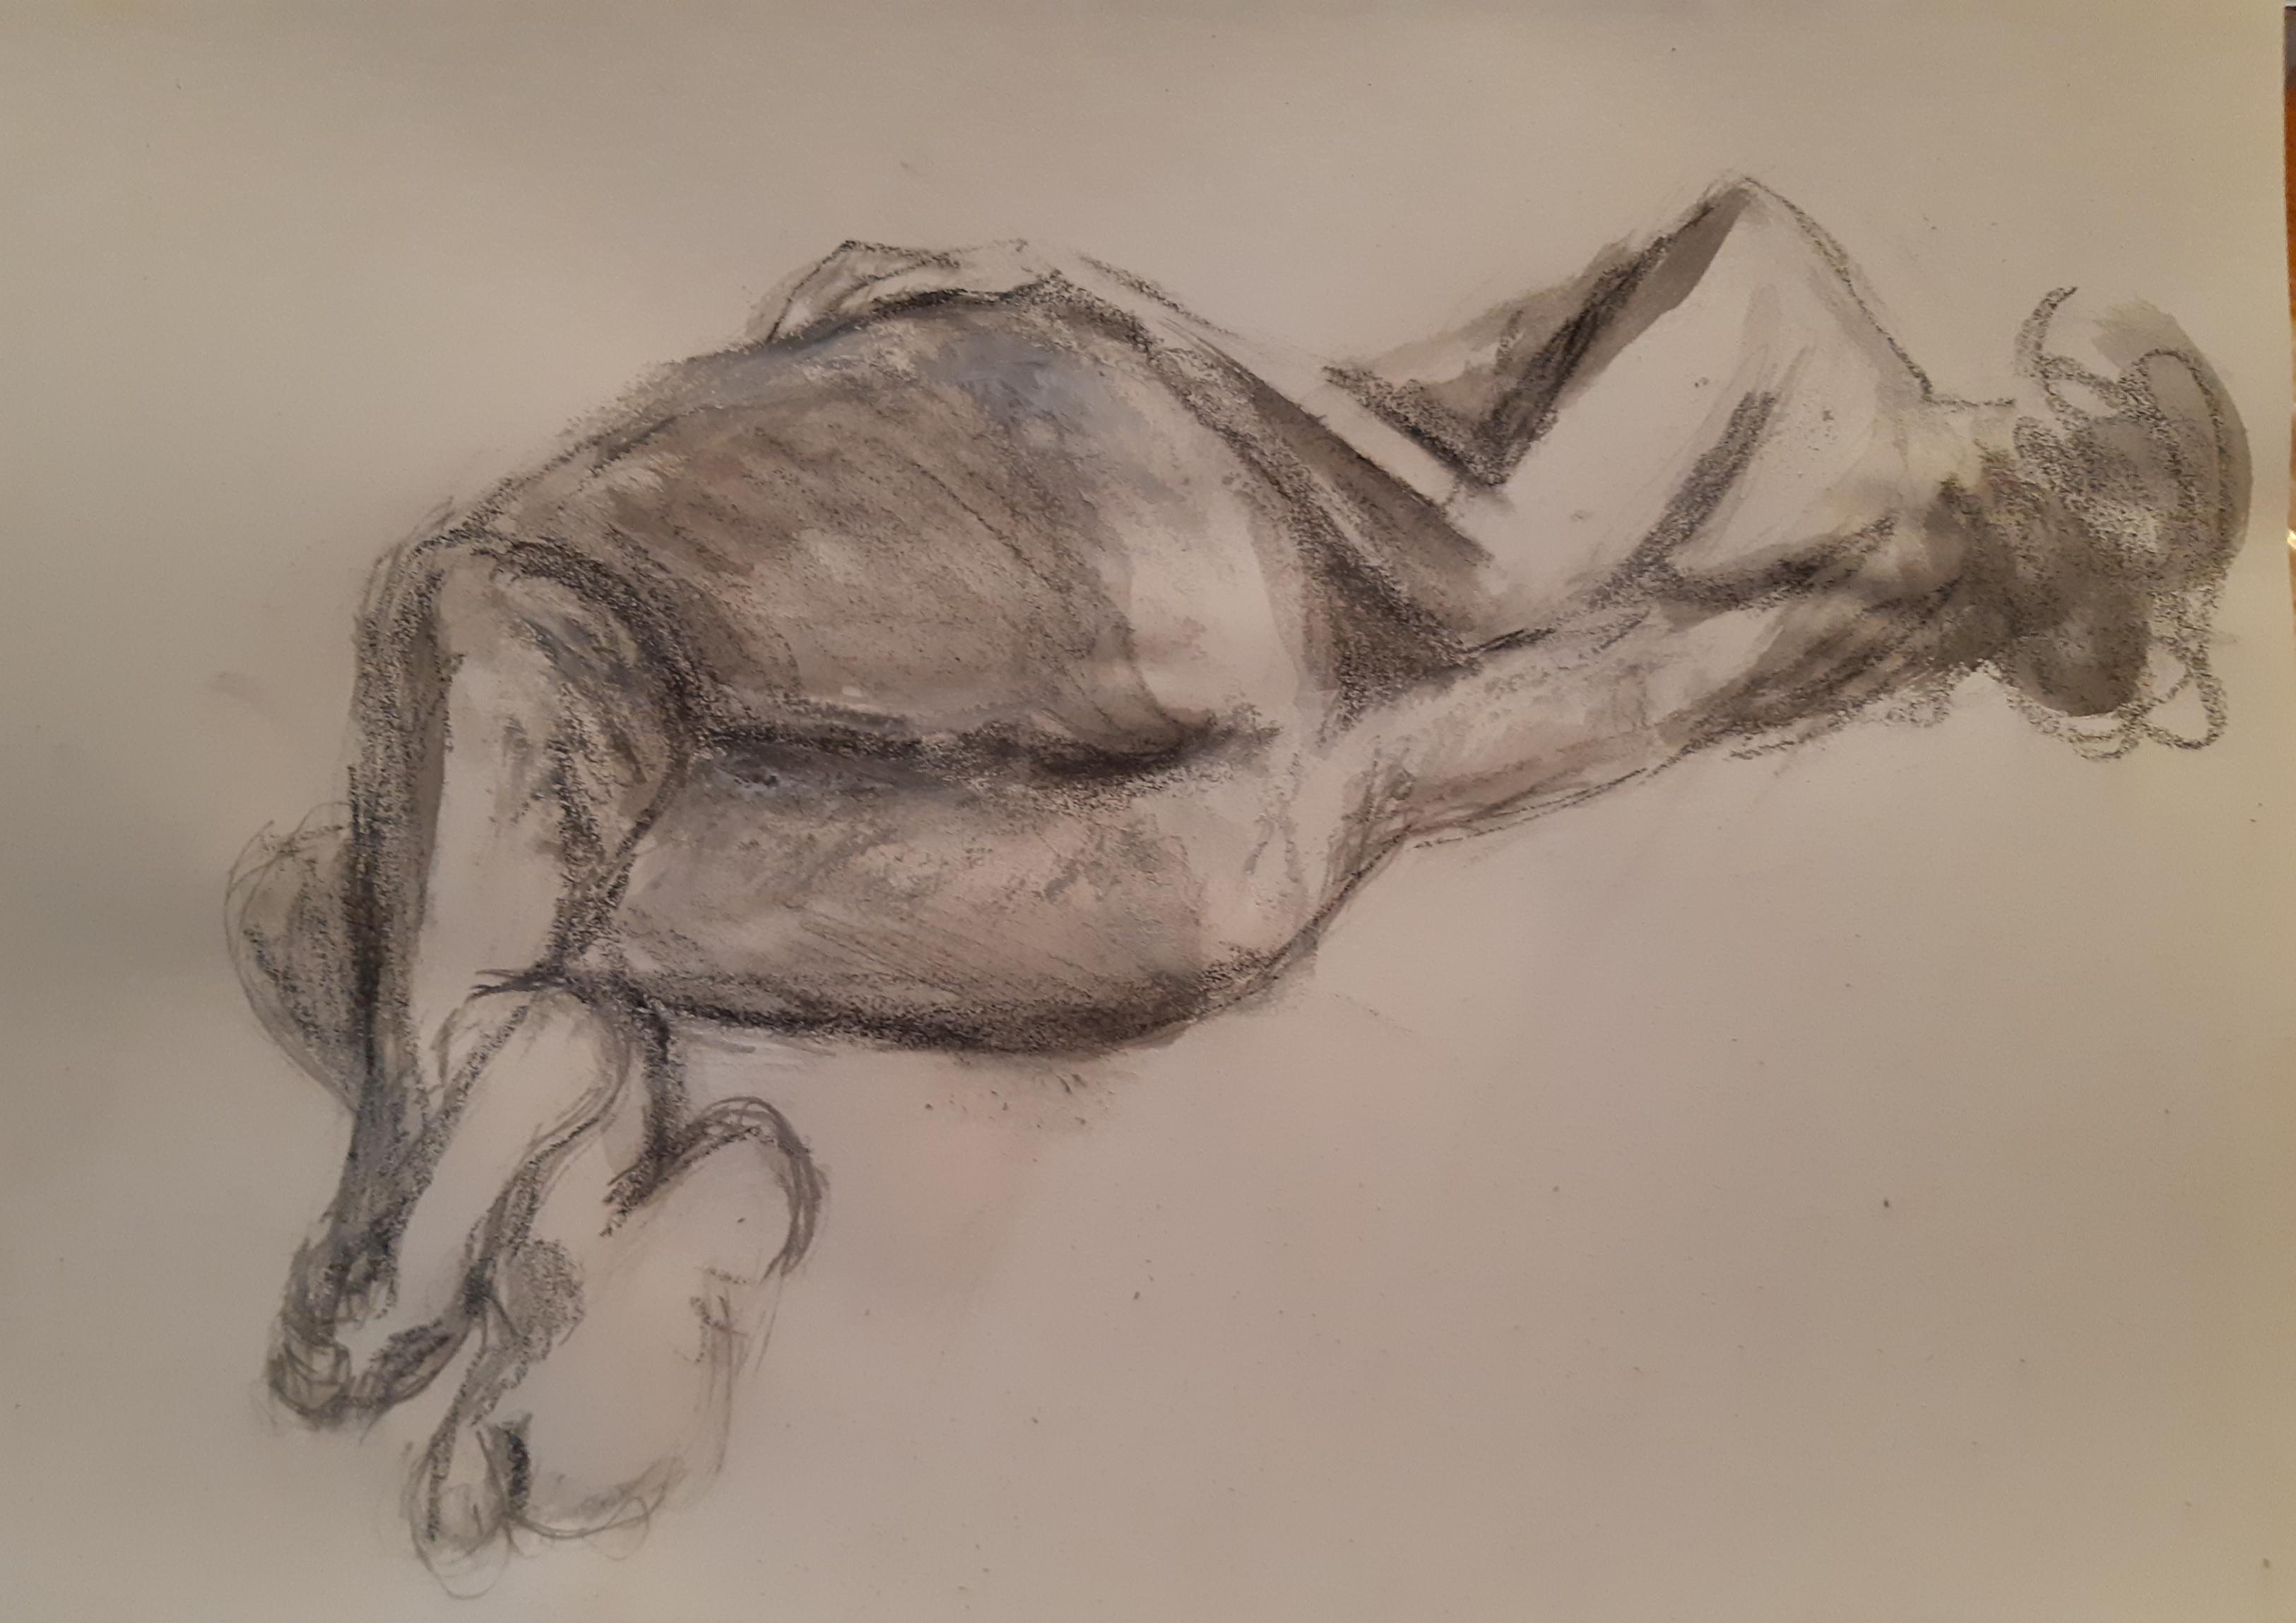 Esquisse rapide femme allongée dos technique mixte fusain aquarelle sur papier  cours de dessin